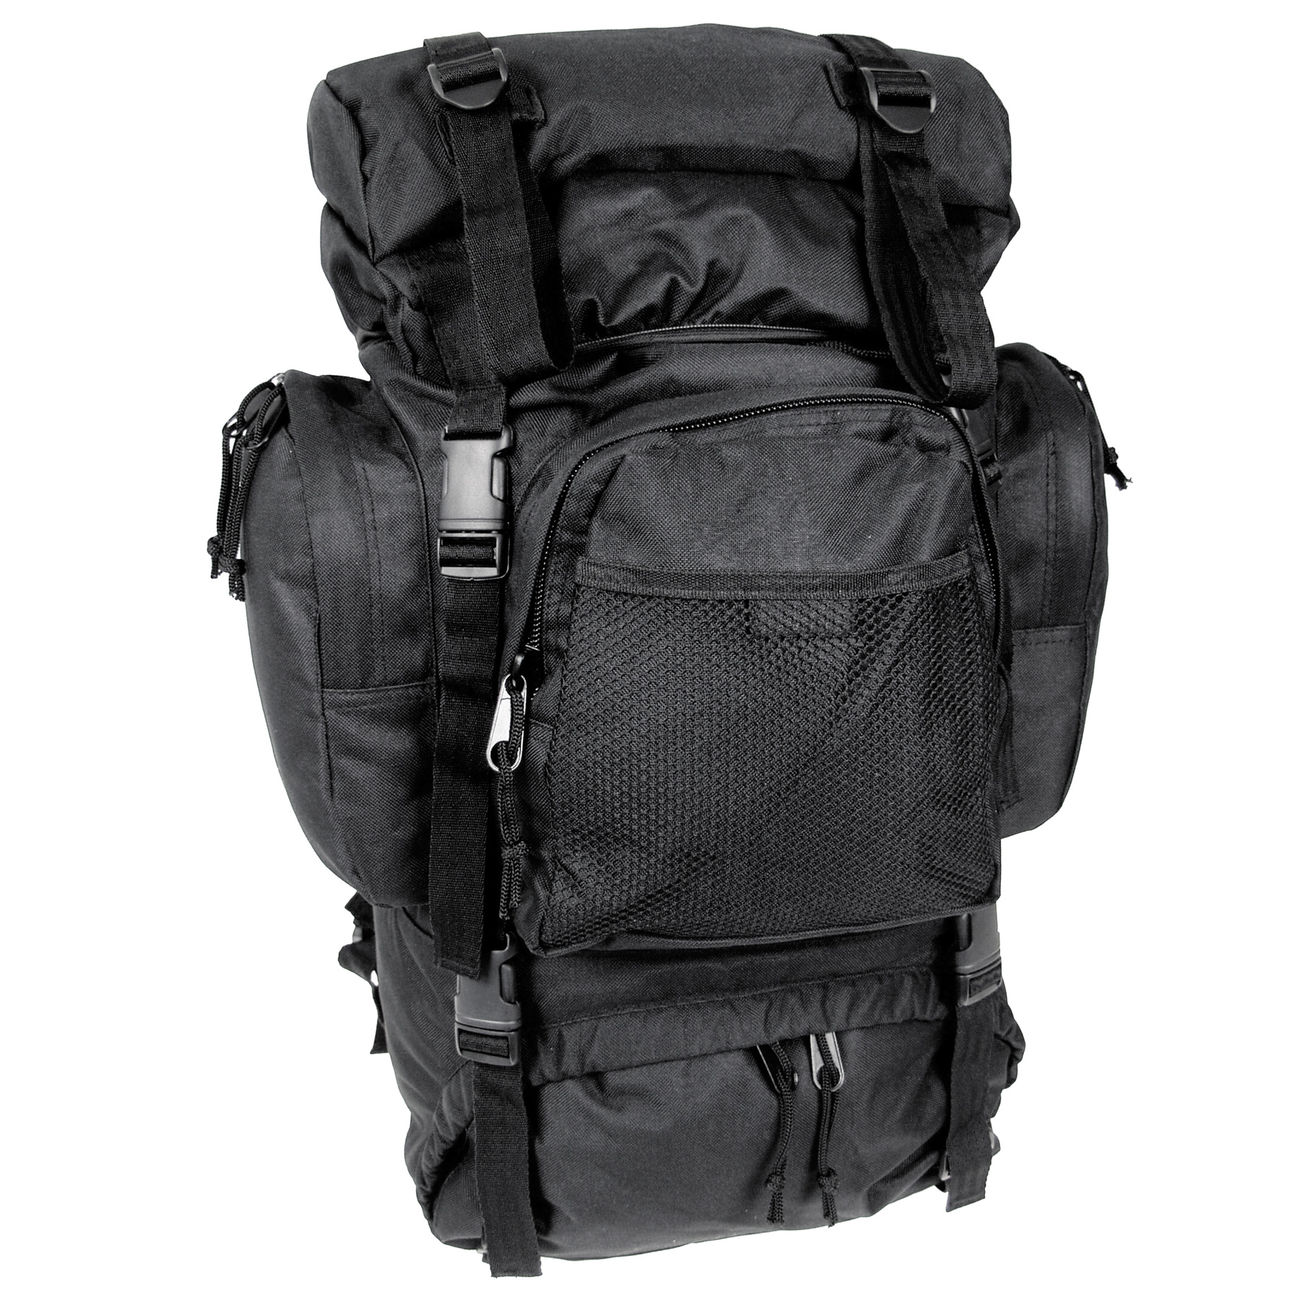 mfh rucksack tactical gro schwarz kotte zeller. Black Bedroom Furniture Sets. Home Design Ideas